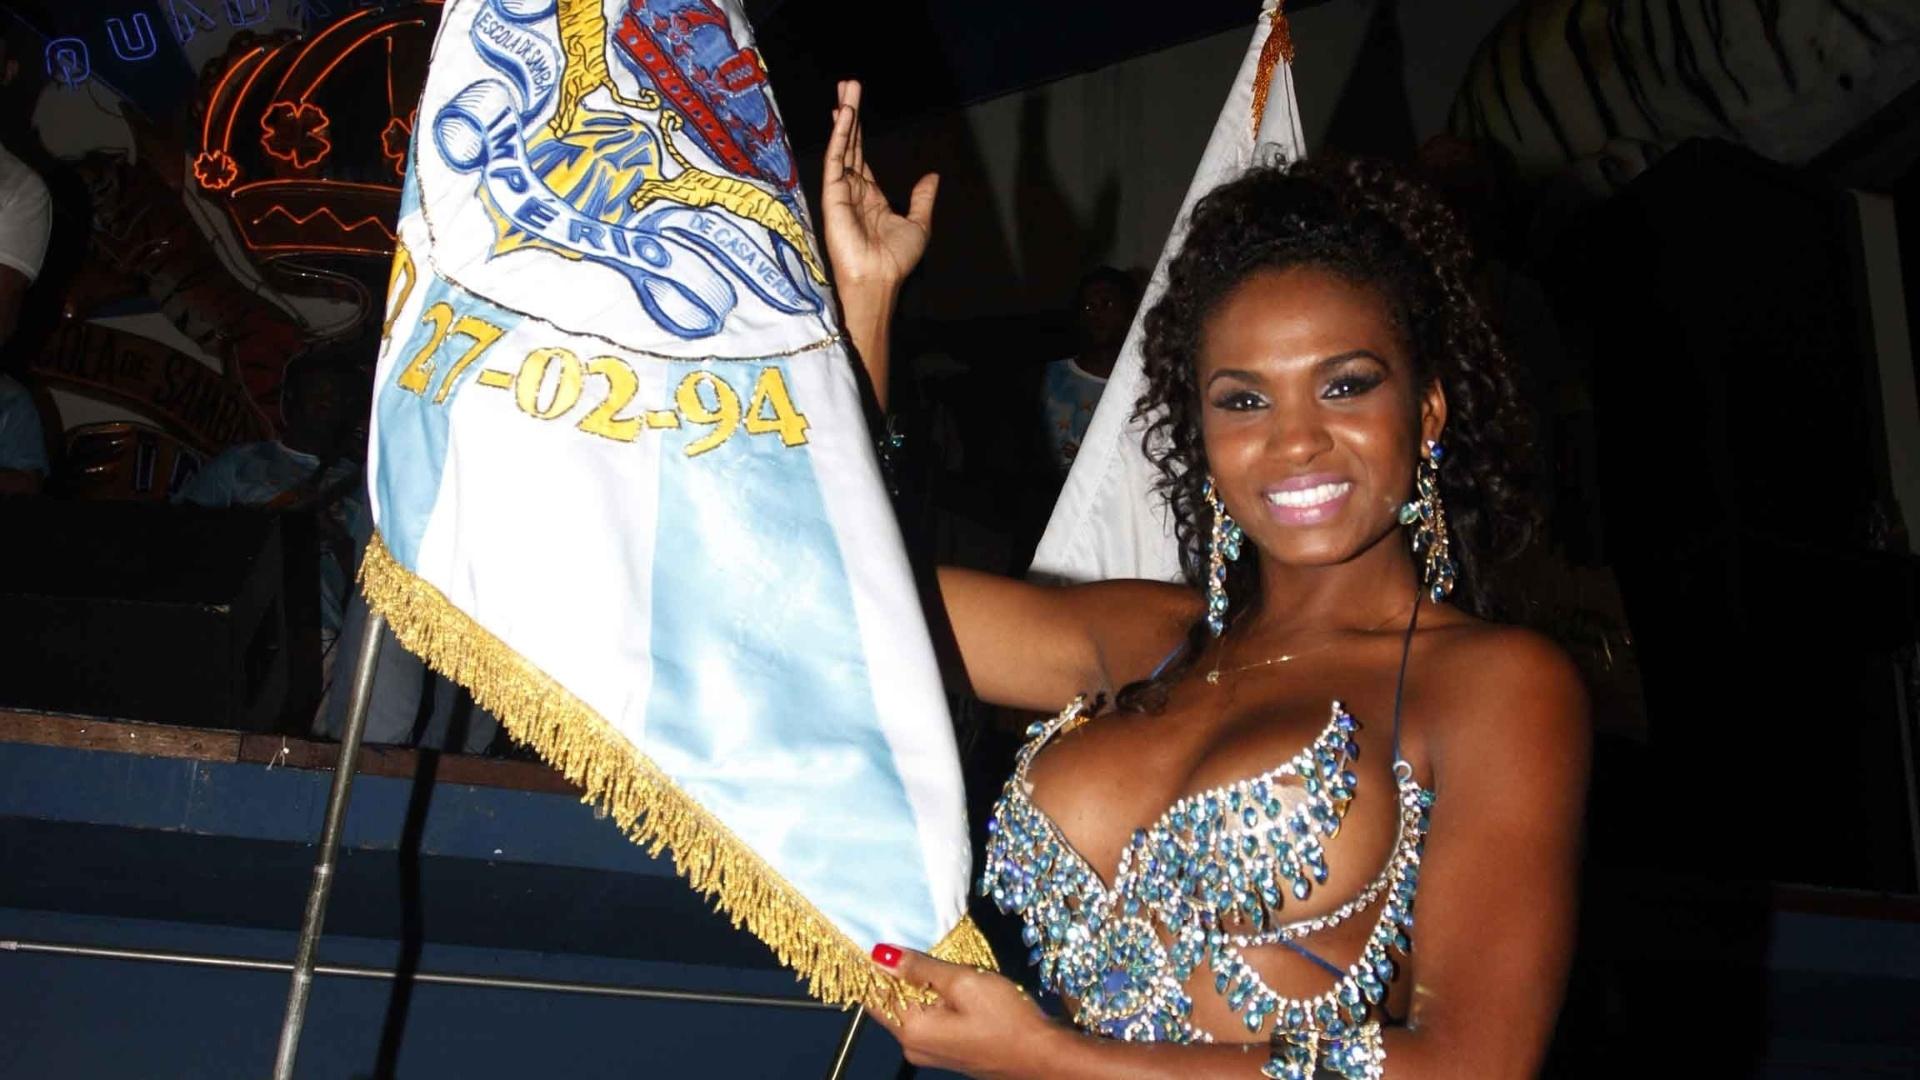 13.jan.2013 - A modelo Valeska Reis mostra a bandeira da Unidos de Casa Verde